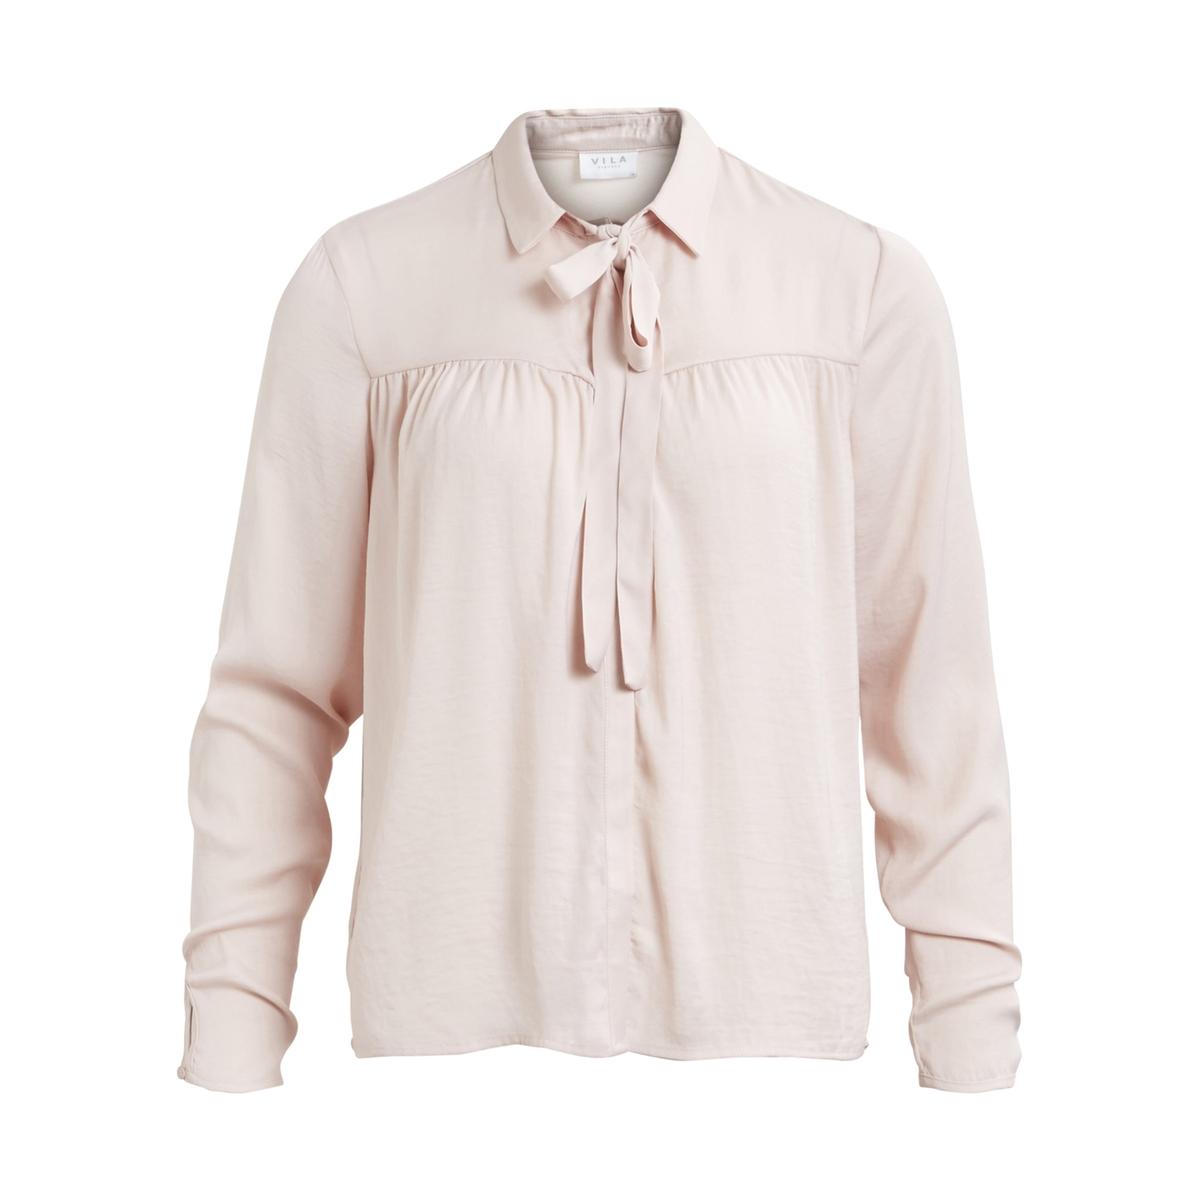 Рубашка однотонная с галстуком-бантом и длинными рукавамиДетали •  Длинные рукава •  Прямой покрой  •  Галстук-бант •  Кончики воротника на пуговицахСостав и уход •  100% полиэстер •  Следуйте советам по уходу, указанным на этикетке<br><br>Цвет: светло-розовый<br>Размер: L